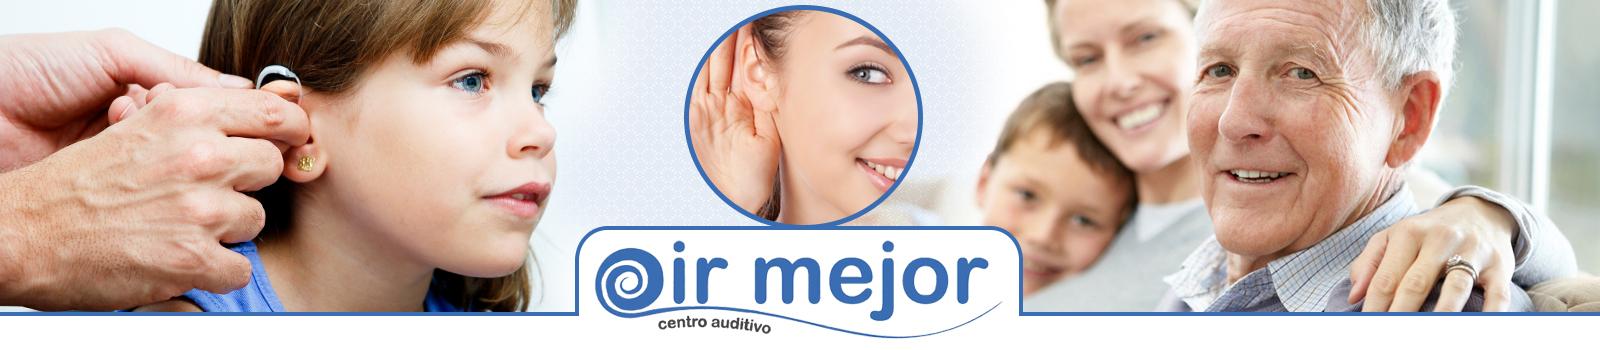 centro auditivo especializado valladolid,audifonos de calidad,economico,barato